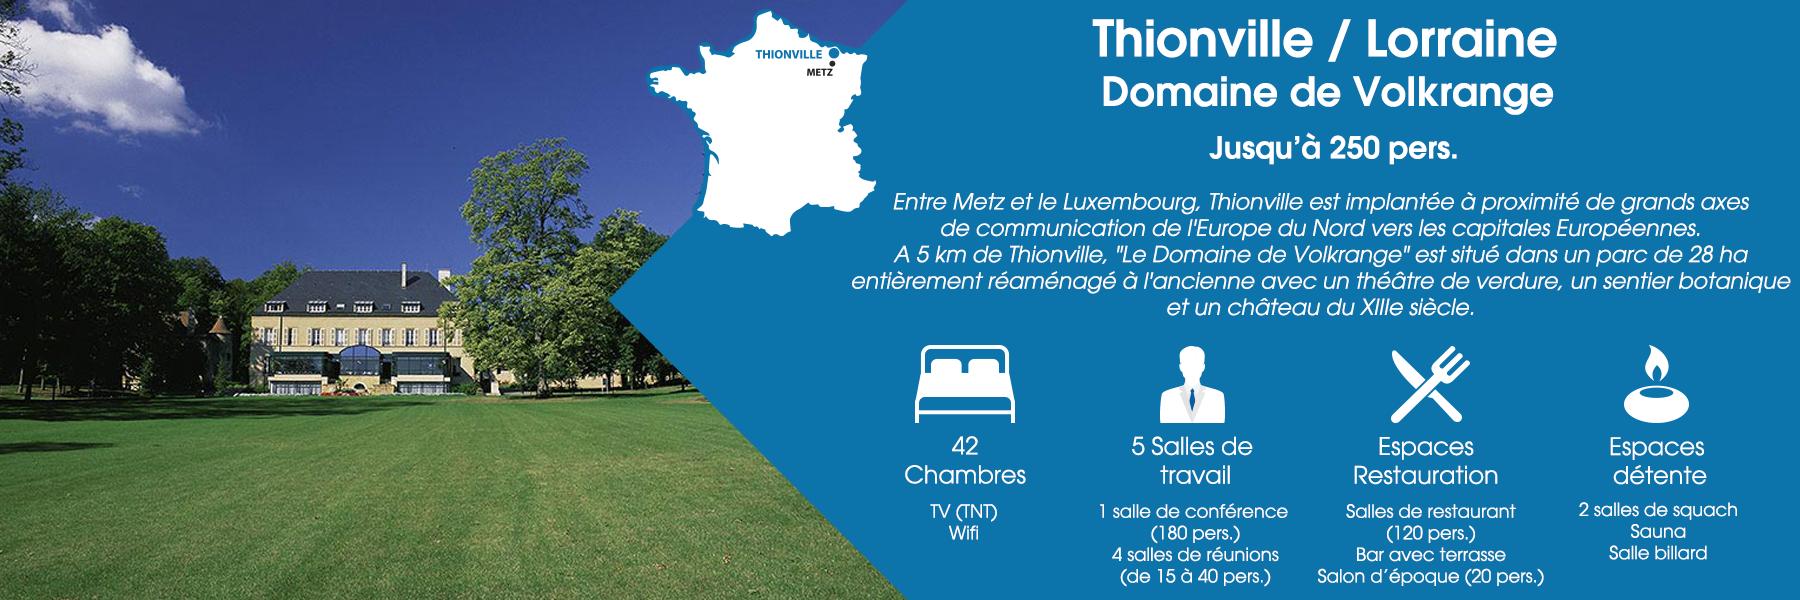 """Le Domaine de Volkrange à Thionville, en Lorraine, peut accueillir jusqu'à 250 personnes. Entre Metz et le Luxembourg, Thionville est implantée à proximité de grands axes de communication de l'Europe du Nord vers les capitales Européennes. A 5 km de Thionville, """"Le Domaine de Volkrange"""" est situé dans un parc de 28 ha entièrement réaménagé à l'ancienne avec un théâtre de verdure, un sentier botanique et un château du XIIIe siècle. Ce domaine est composé de 42 chambres (avec TV TNT et Wifi), de 5 salles de travail (dont une salle de conférence pour 180 personnes et 4 salles de réunions pour 15 à 40 personnes), d'espaces de restauration (salles de restaurant pour 120 personnes, un bar avec terrasse et un salon d'époque pour 20 personnes) et d'espaces de détente (2 salles de squash, un sauna et une salle billard)."""